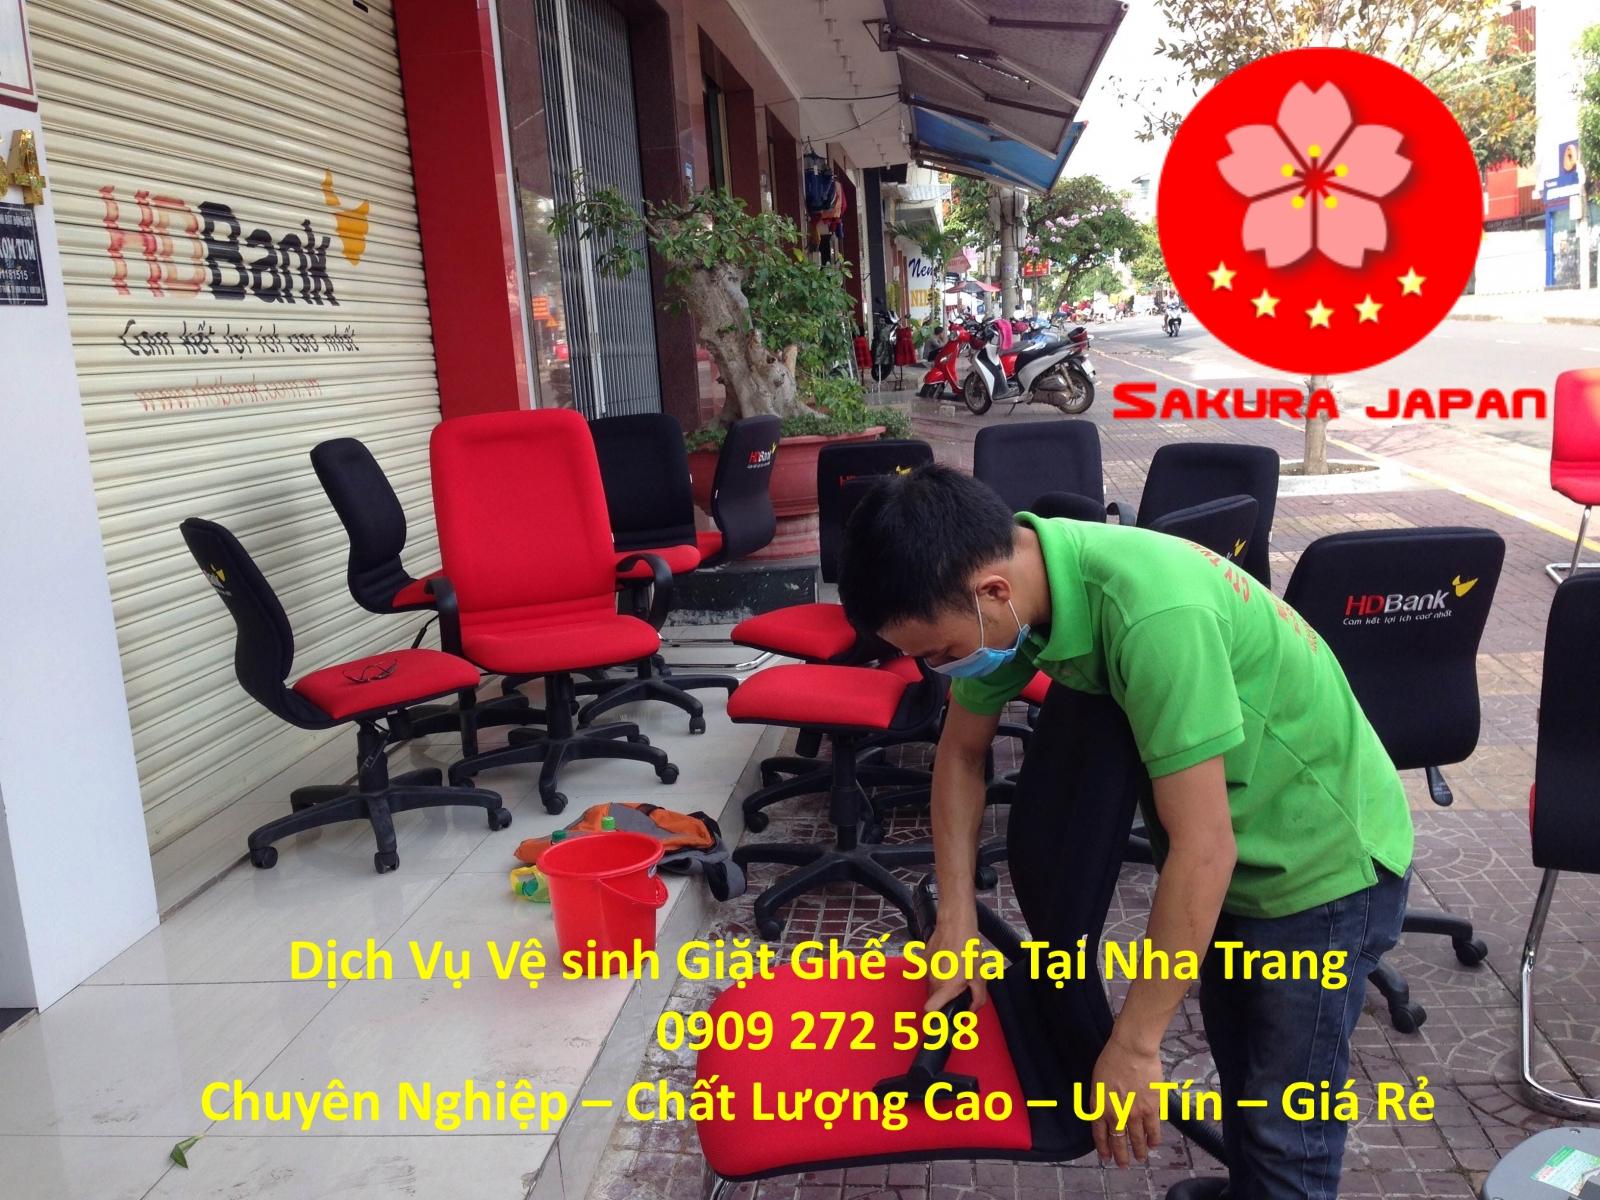 Giặt Vệ Sinh Ghế Sofa tại Nha Trang Chuyên Nghiệp Nhất